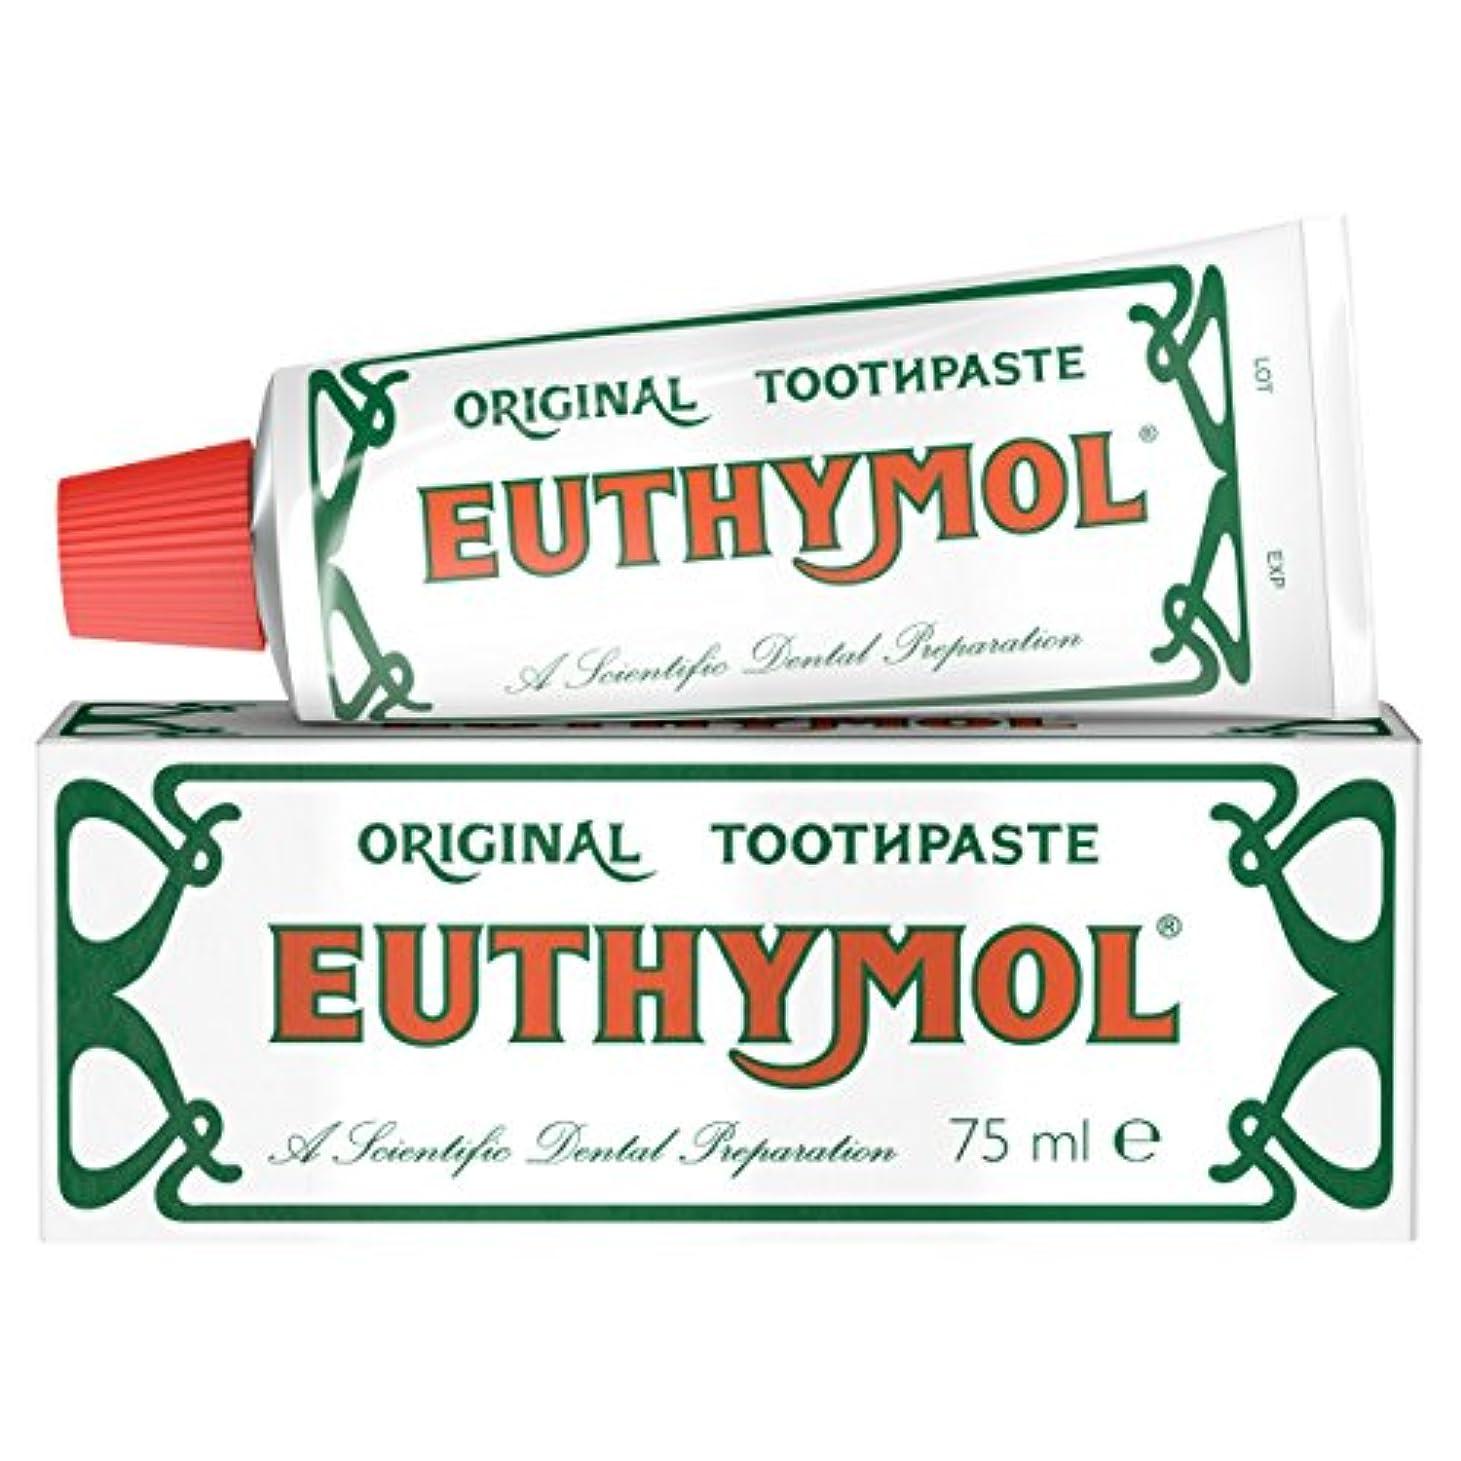 オーブン前者アクティビティEuthymol オリジナル歯磨き粉 75ml 並行輸入品 Euthymol Original Toothpaste 75 Ml